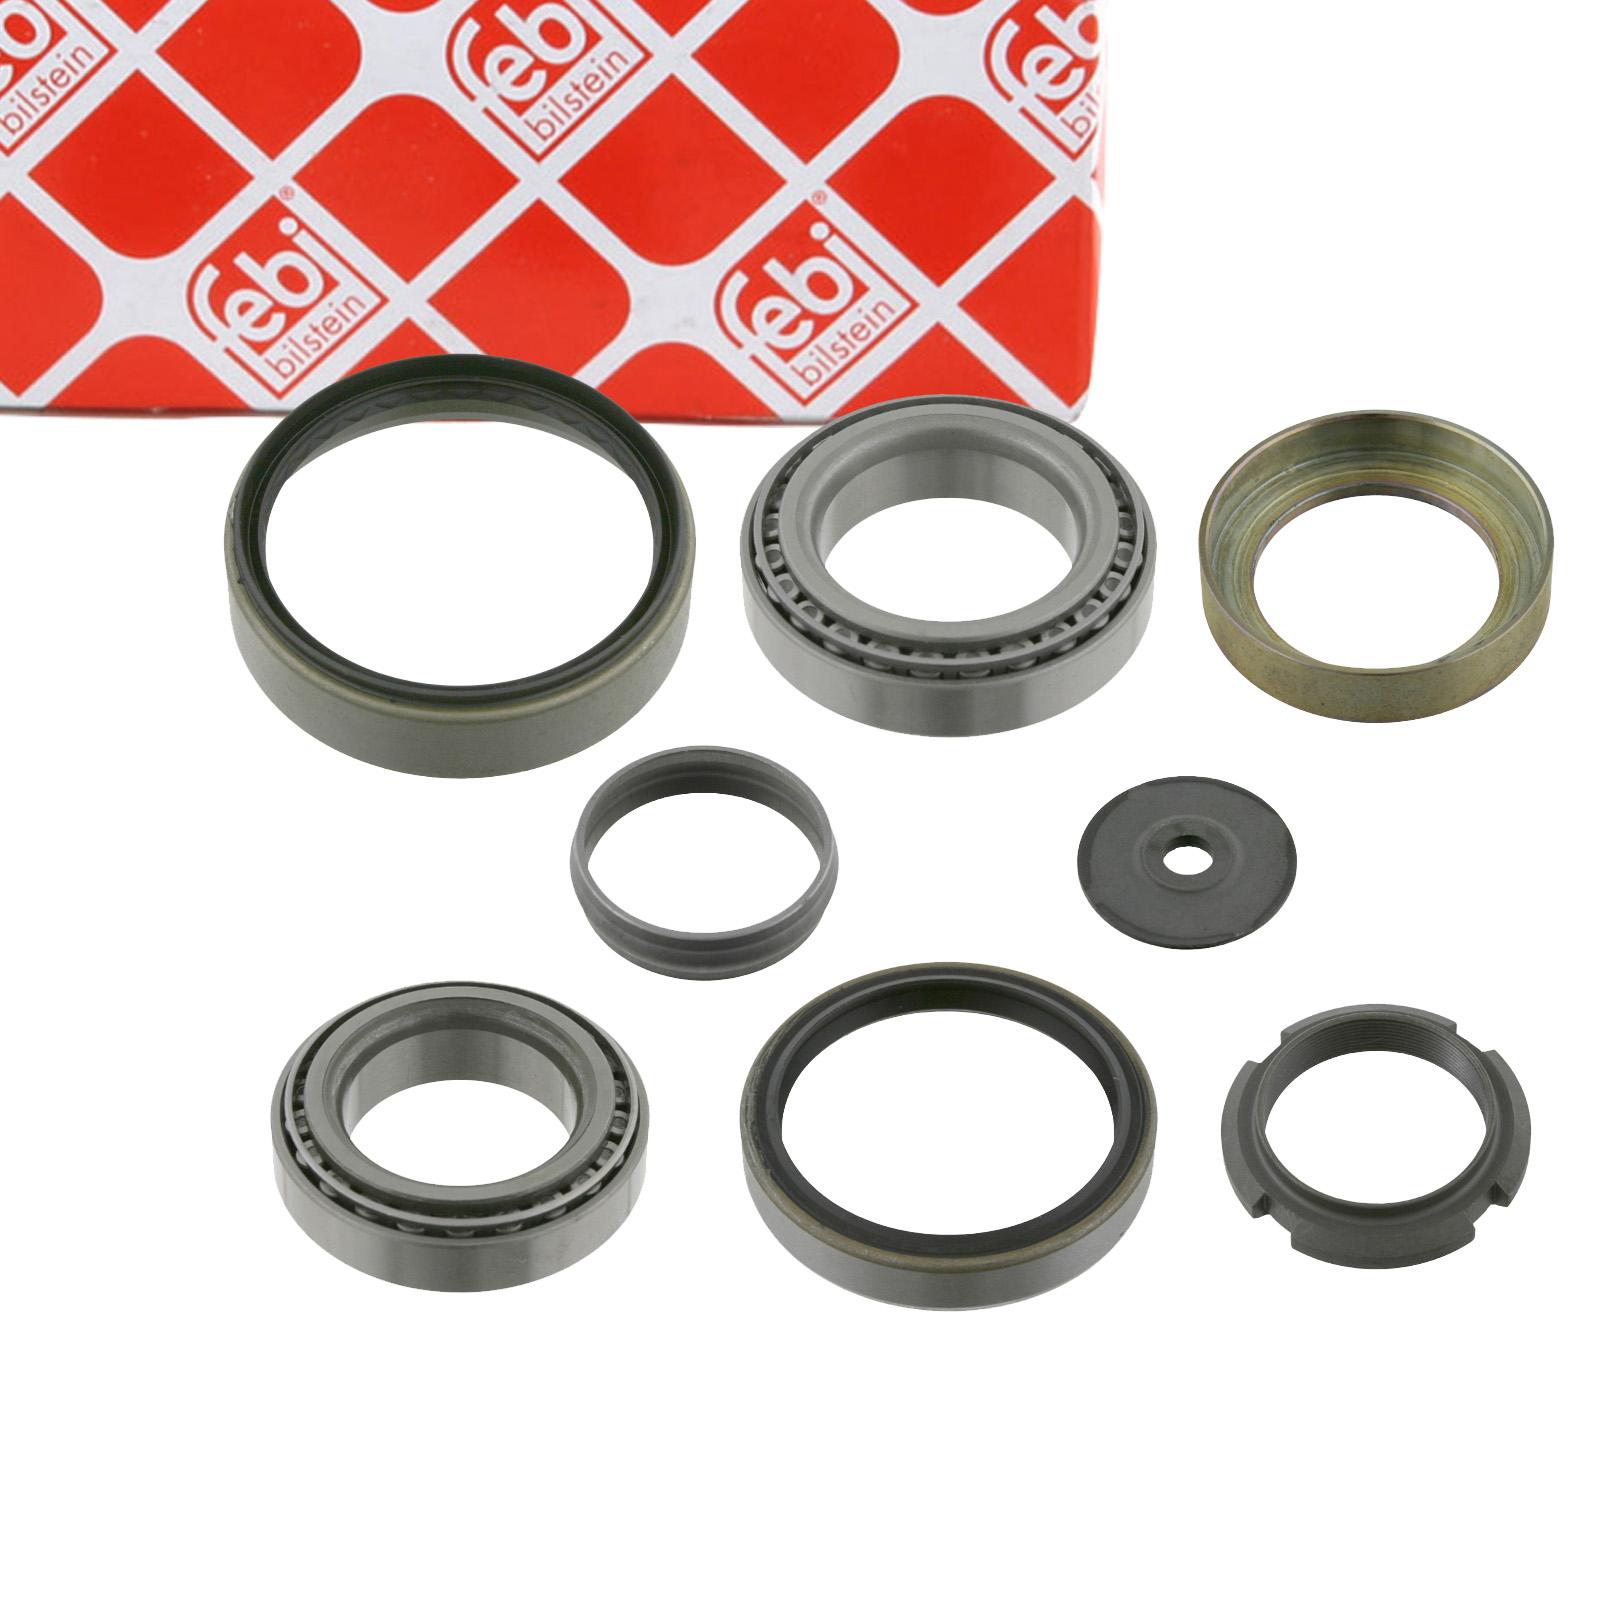 FEBI 08840 Radlagersatz Radlager MERCEDES W114 W115 W123 W116 W126 R107 hinten A1235860035